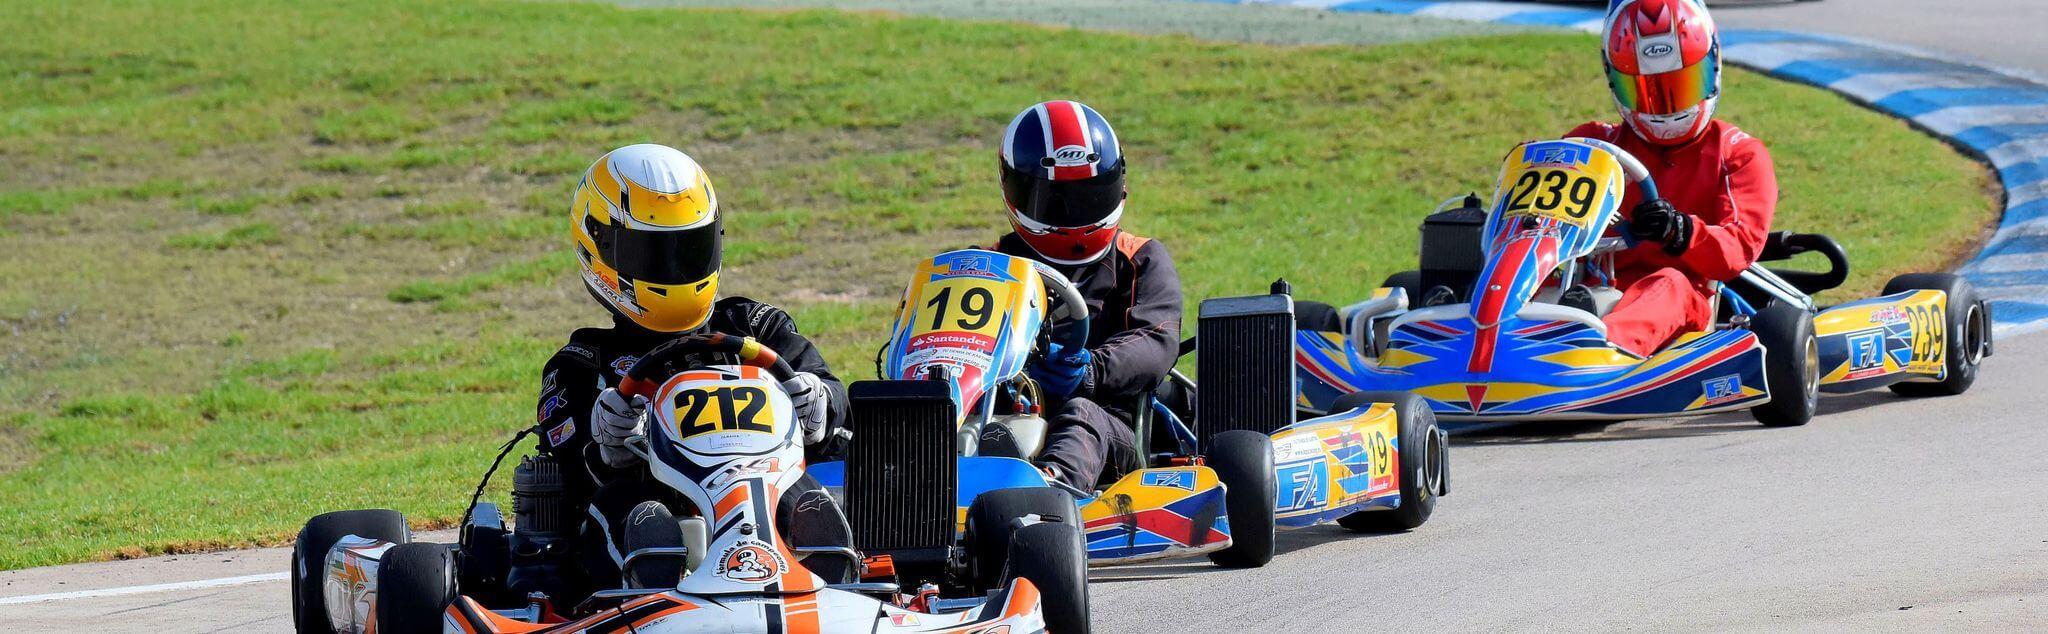 Karting dans Corse